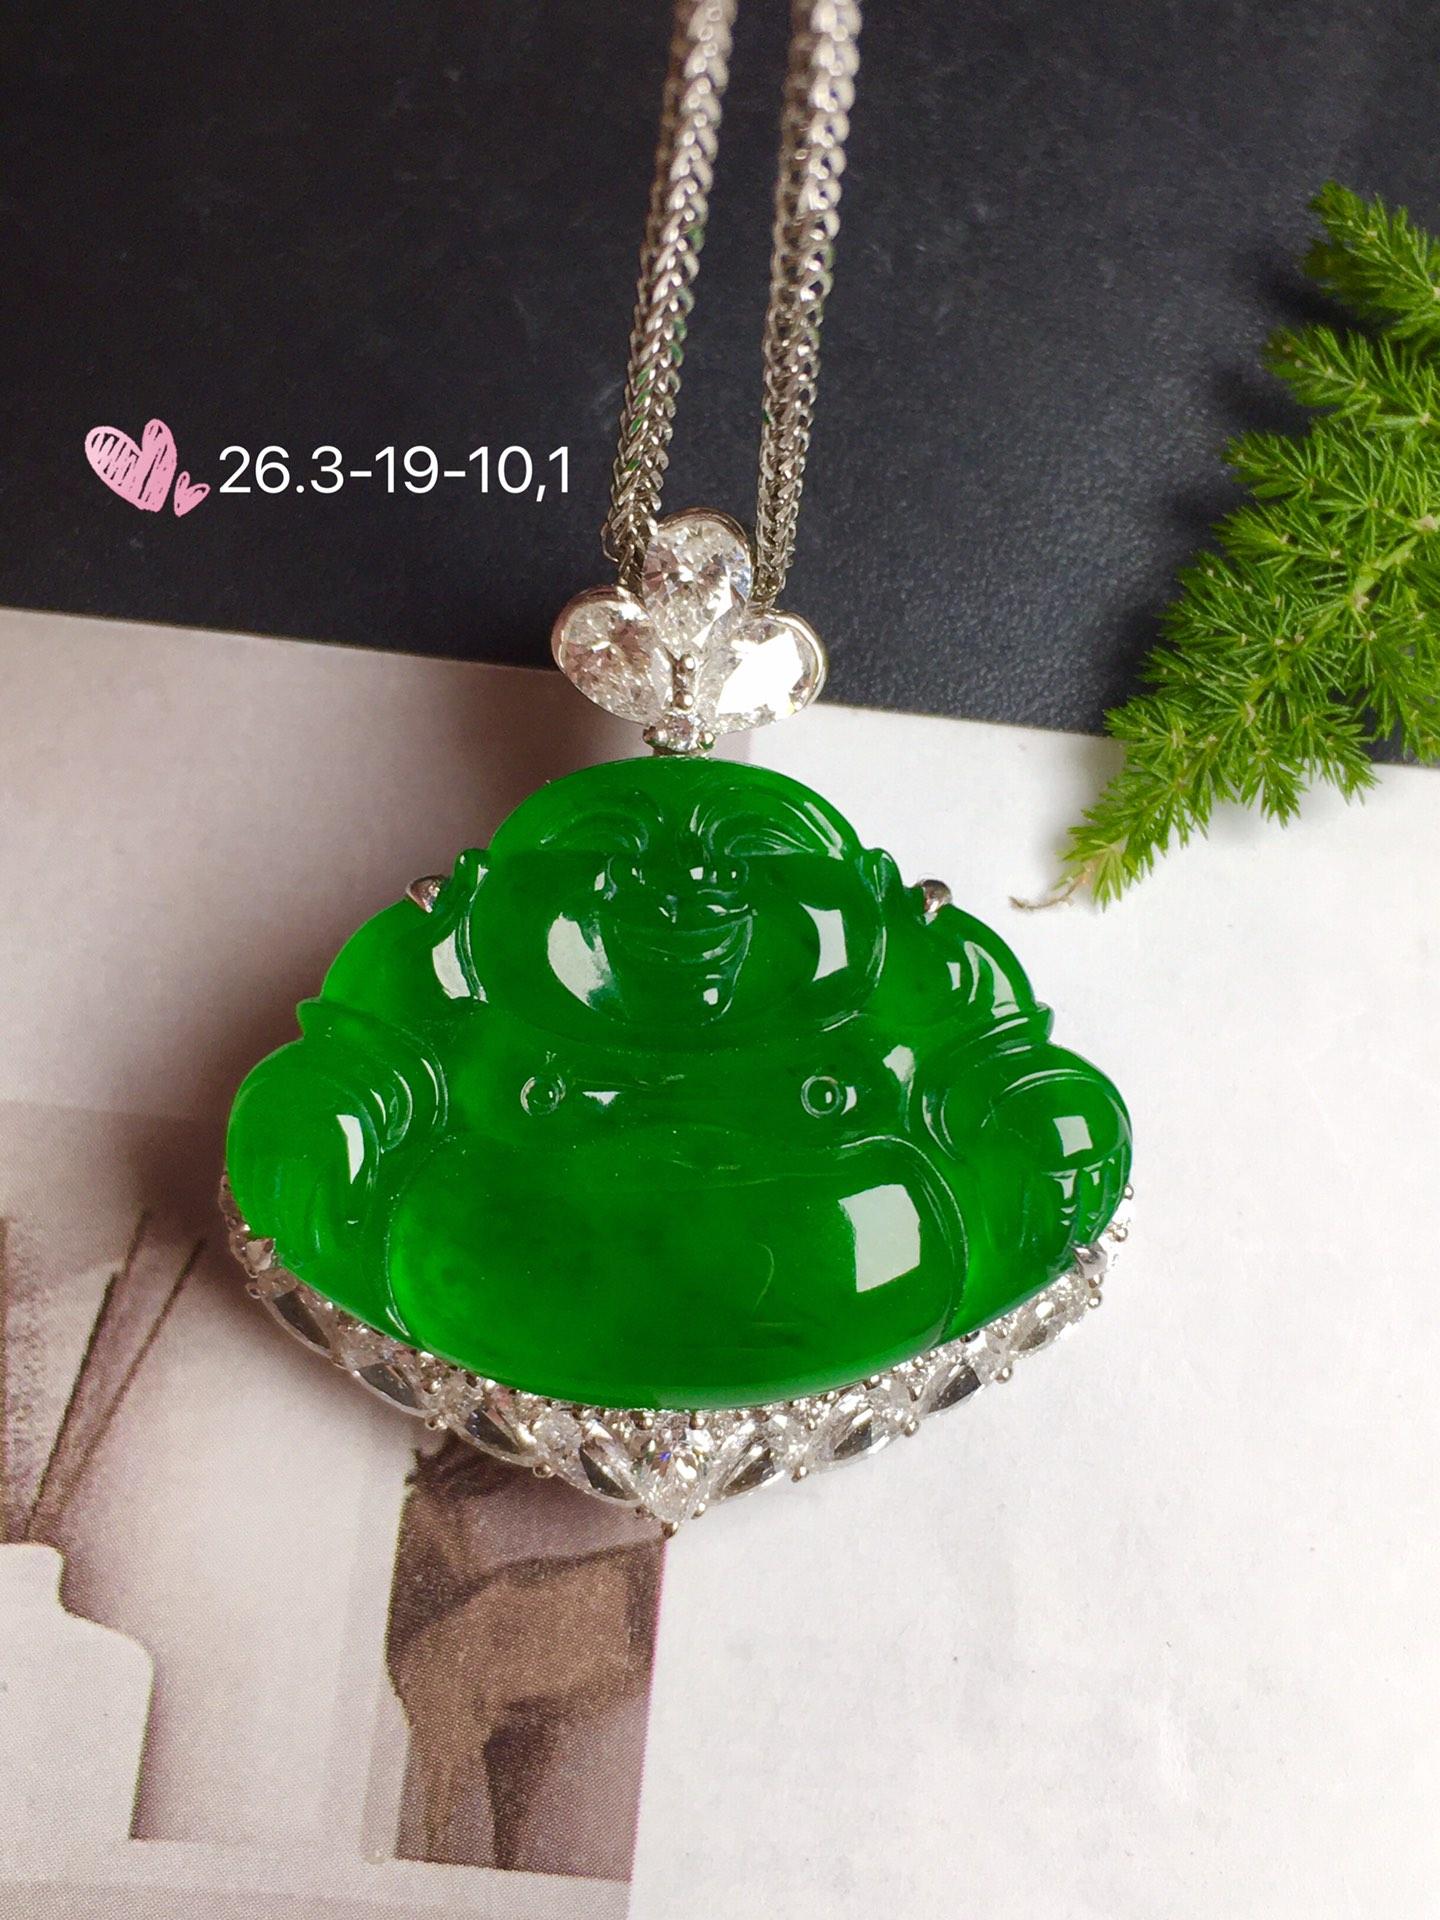 价:【佛,冰正阳绿】通透,润水细腻,完美,18k金华奢钻镶石嵌☕